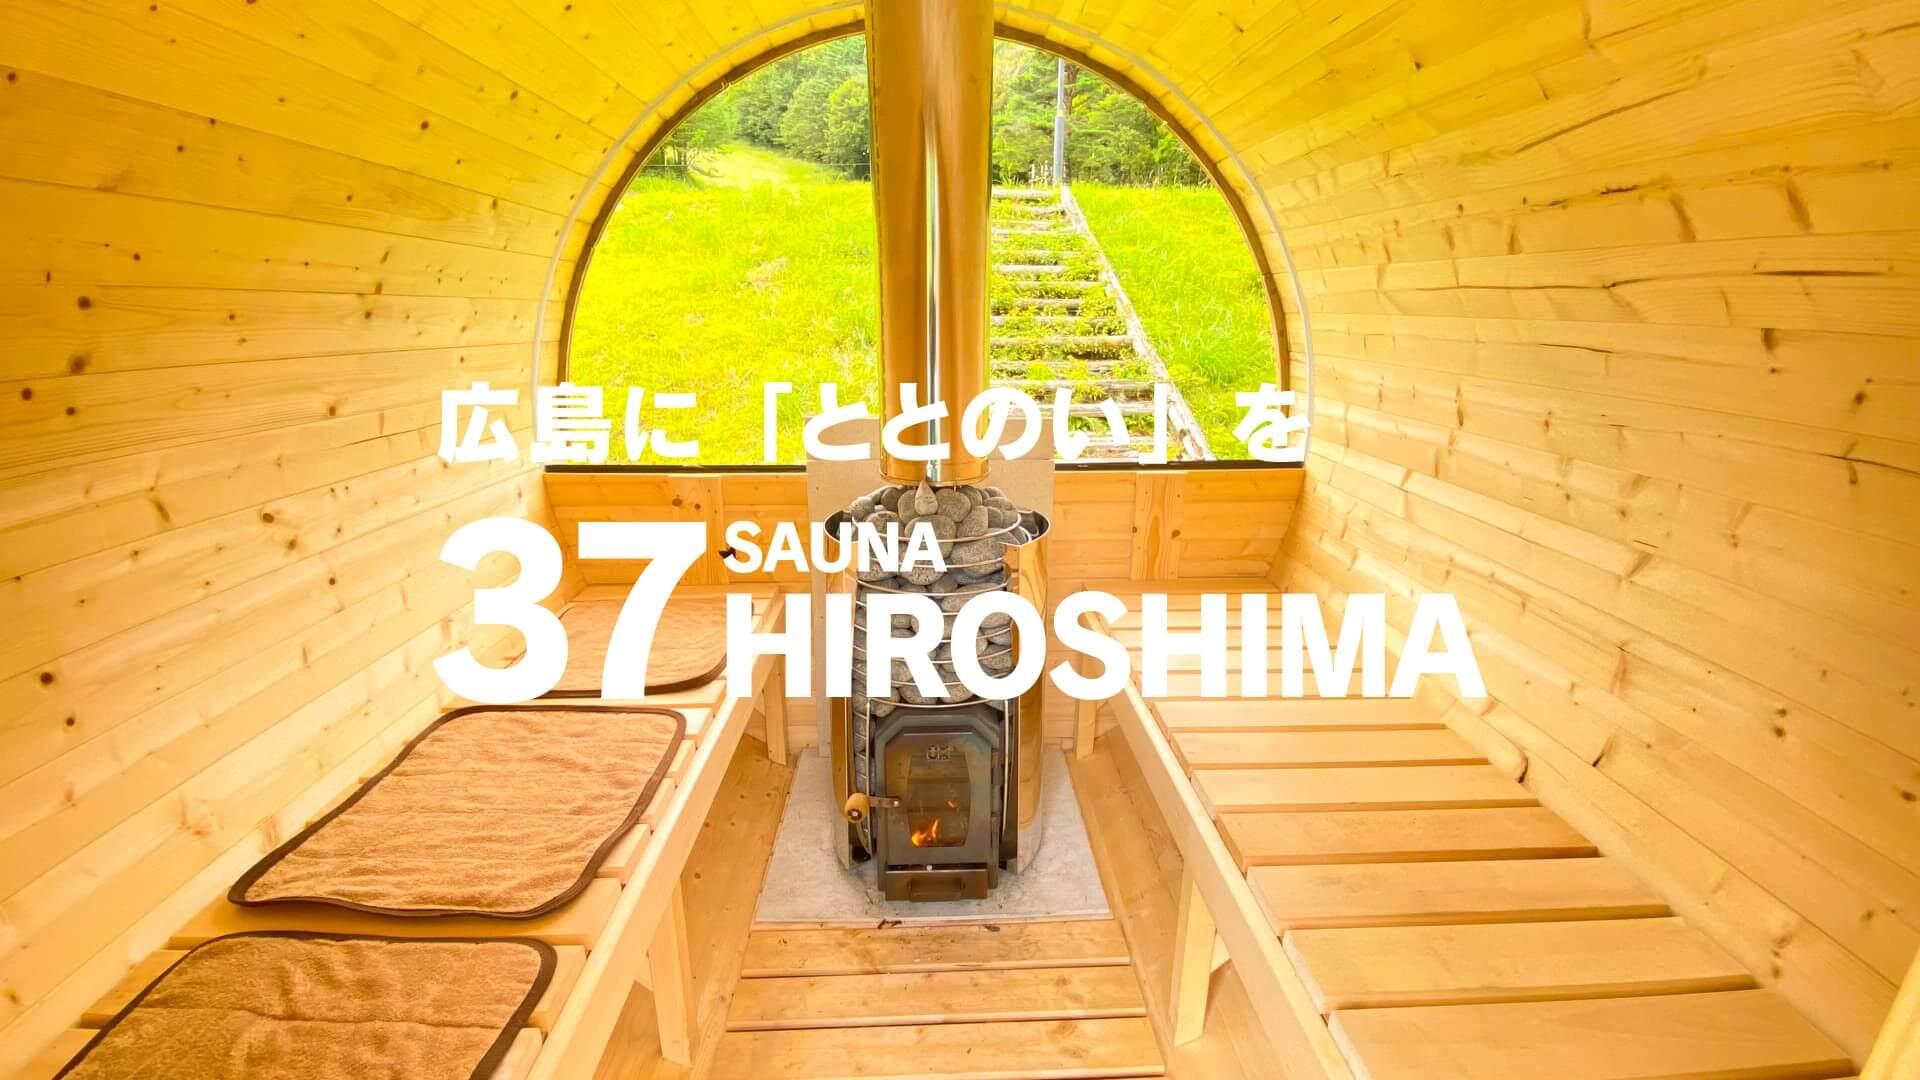 広島のサウナが丸わかり!ととのうとは?ウェブメディア「37HIROSHIMA」がオープン!